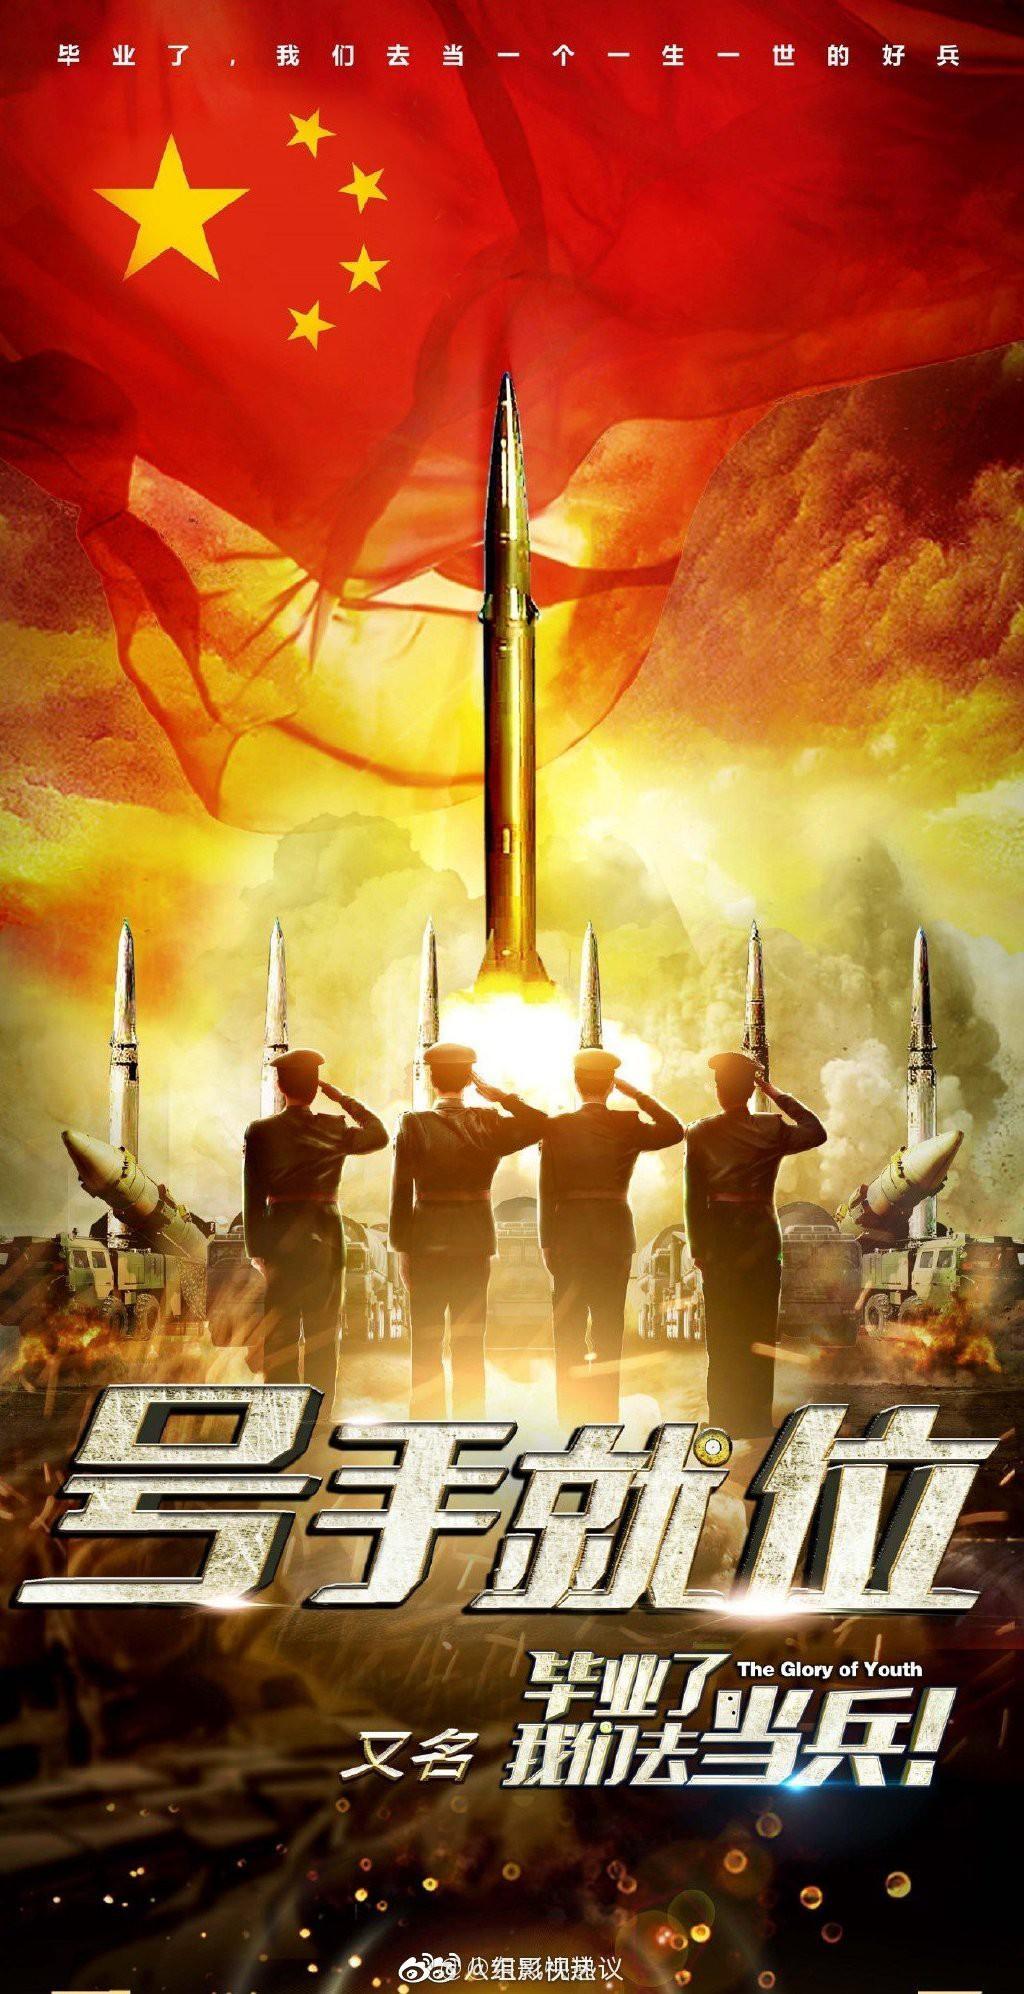 Sức hút mãnh liệt của Lý Dịch Phong: Trước thông báo hạn chế phim của Cục Quảng Điện vẫn vững vàng đồng hành với 3 bộ phim - Ảnh 4.